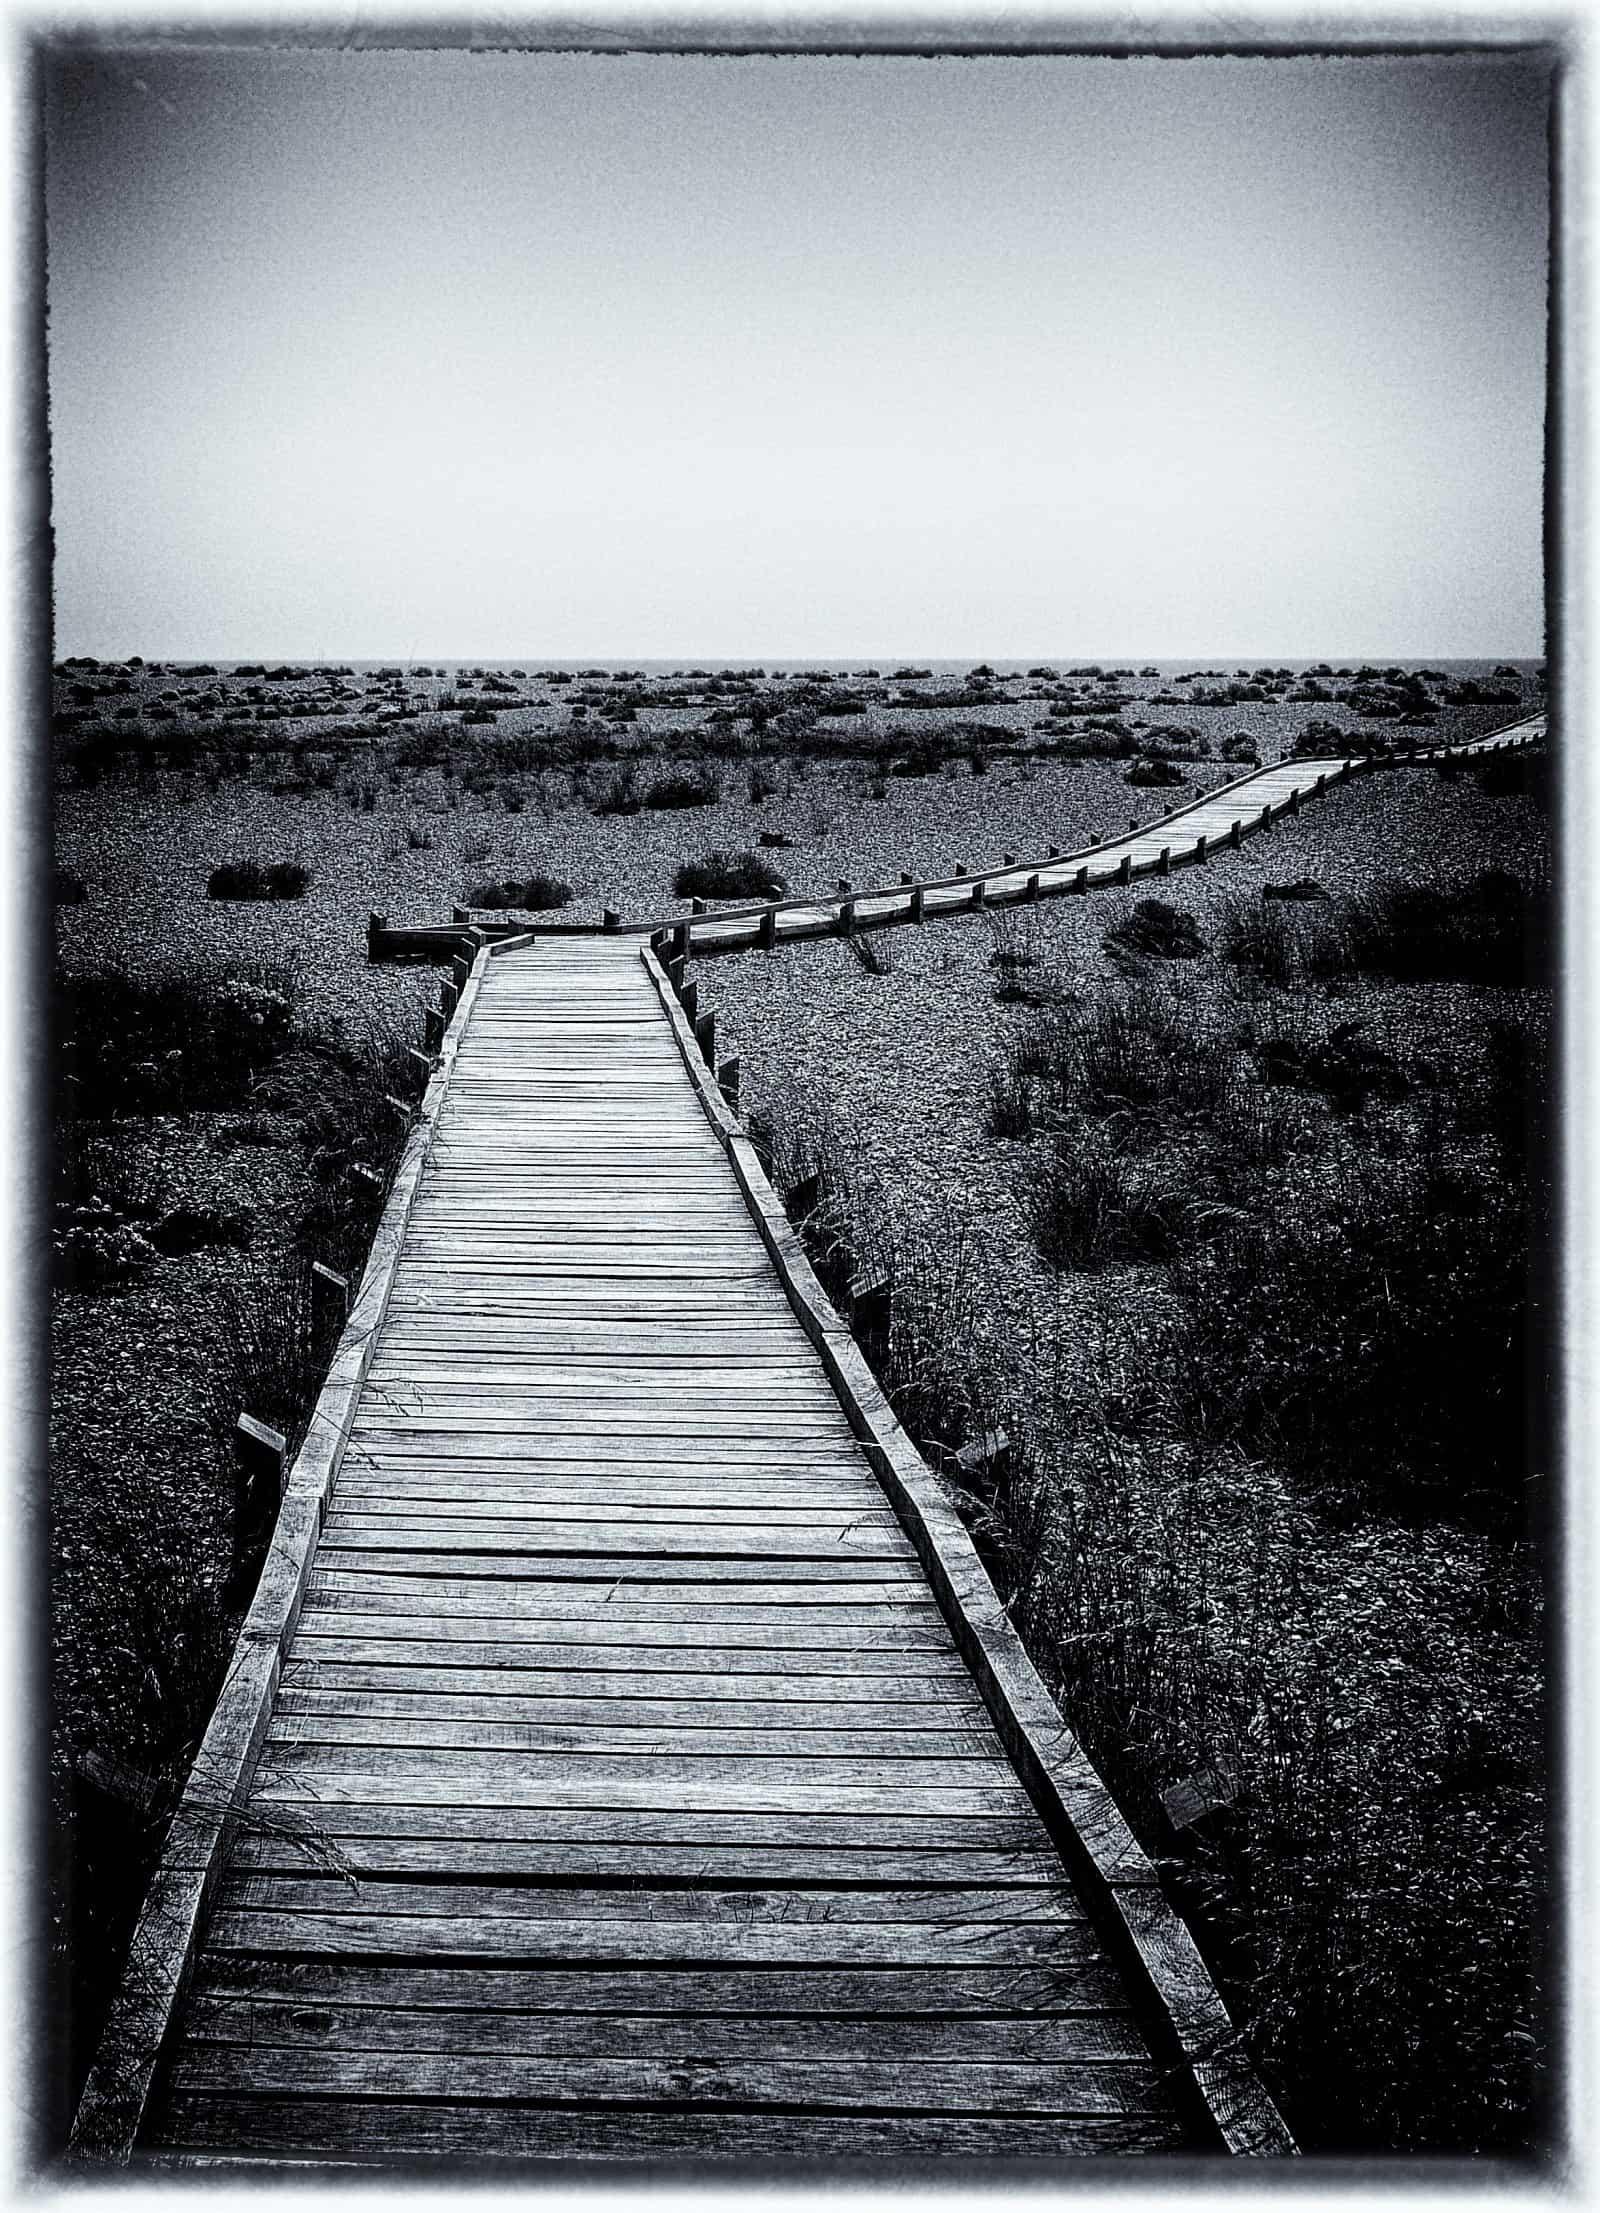 A wooden walkway across sand/shingle